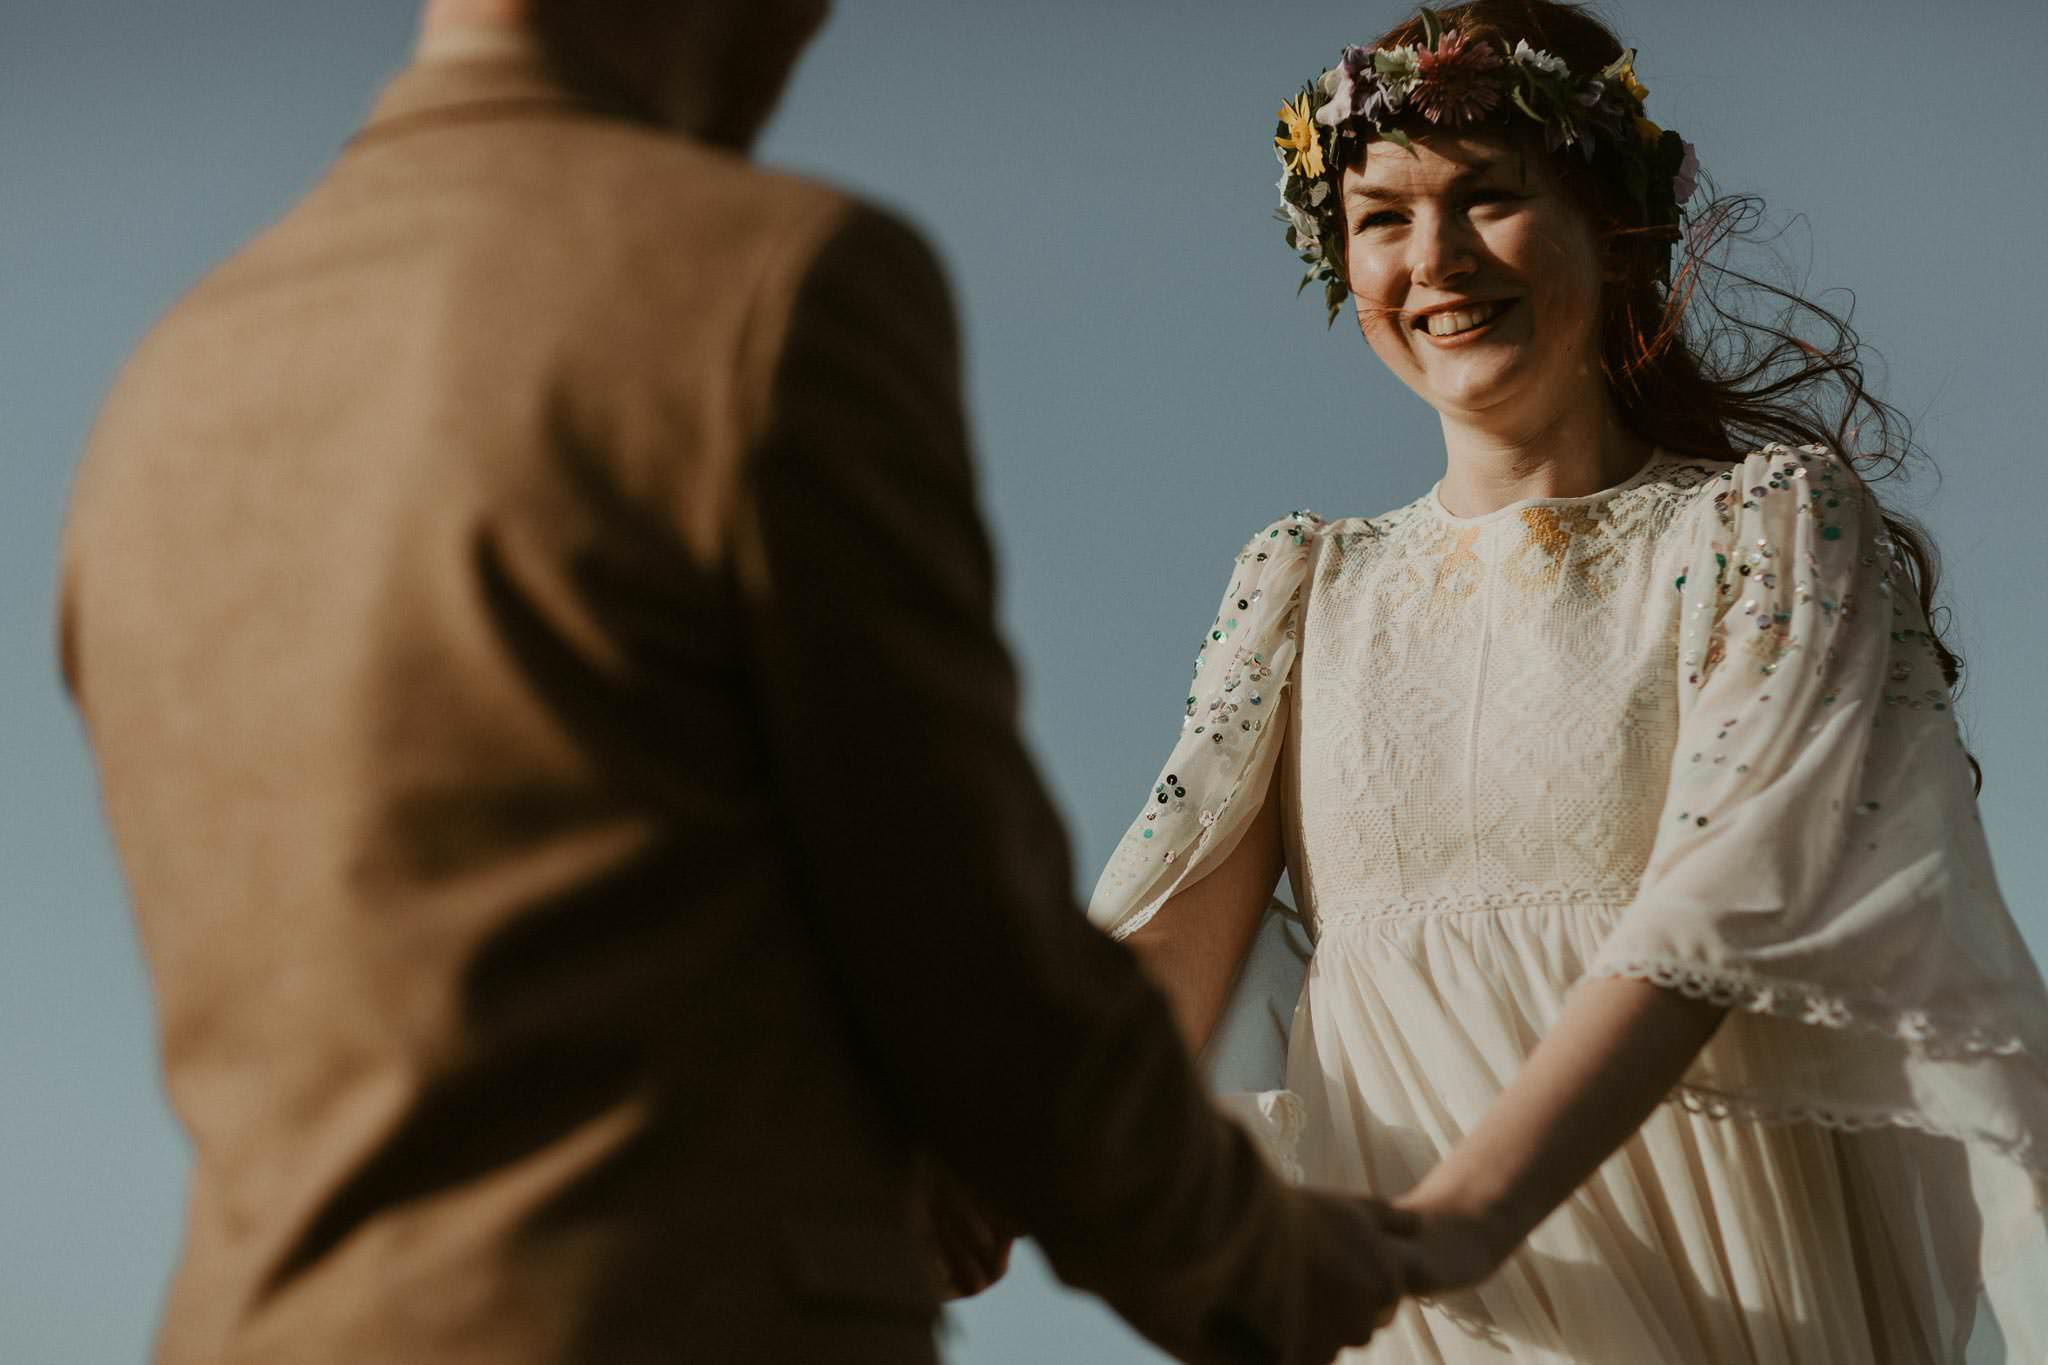 scottish-wedding-photography-116